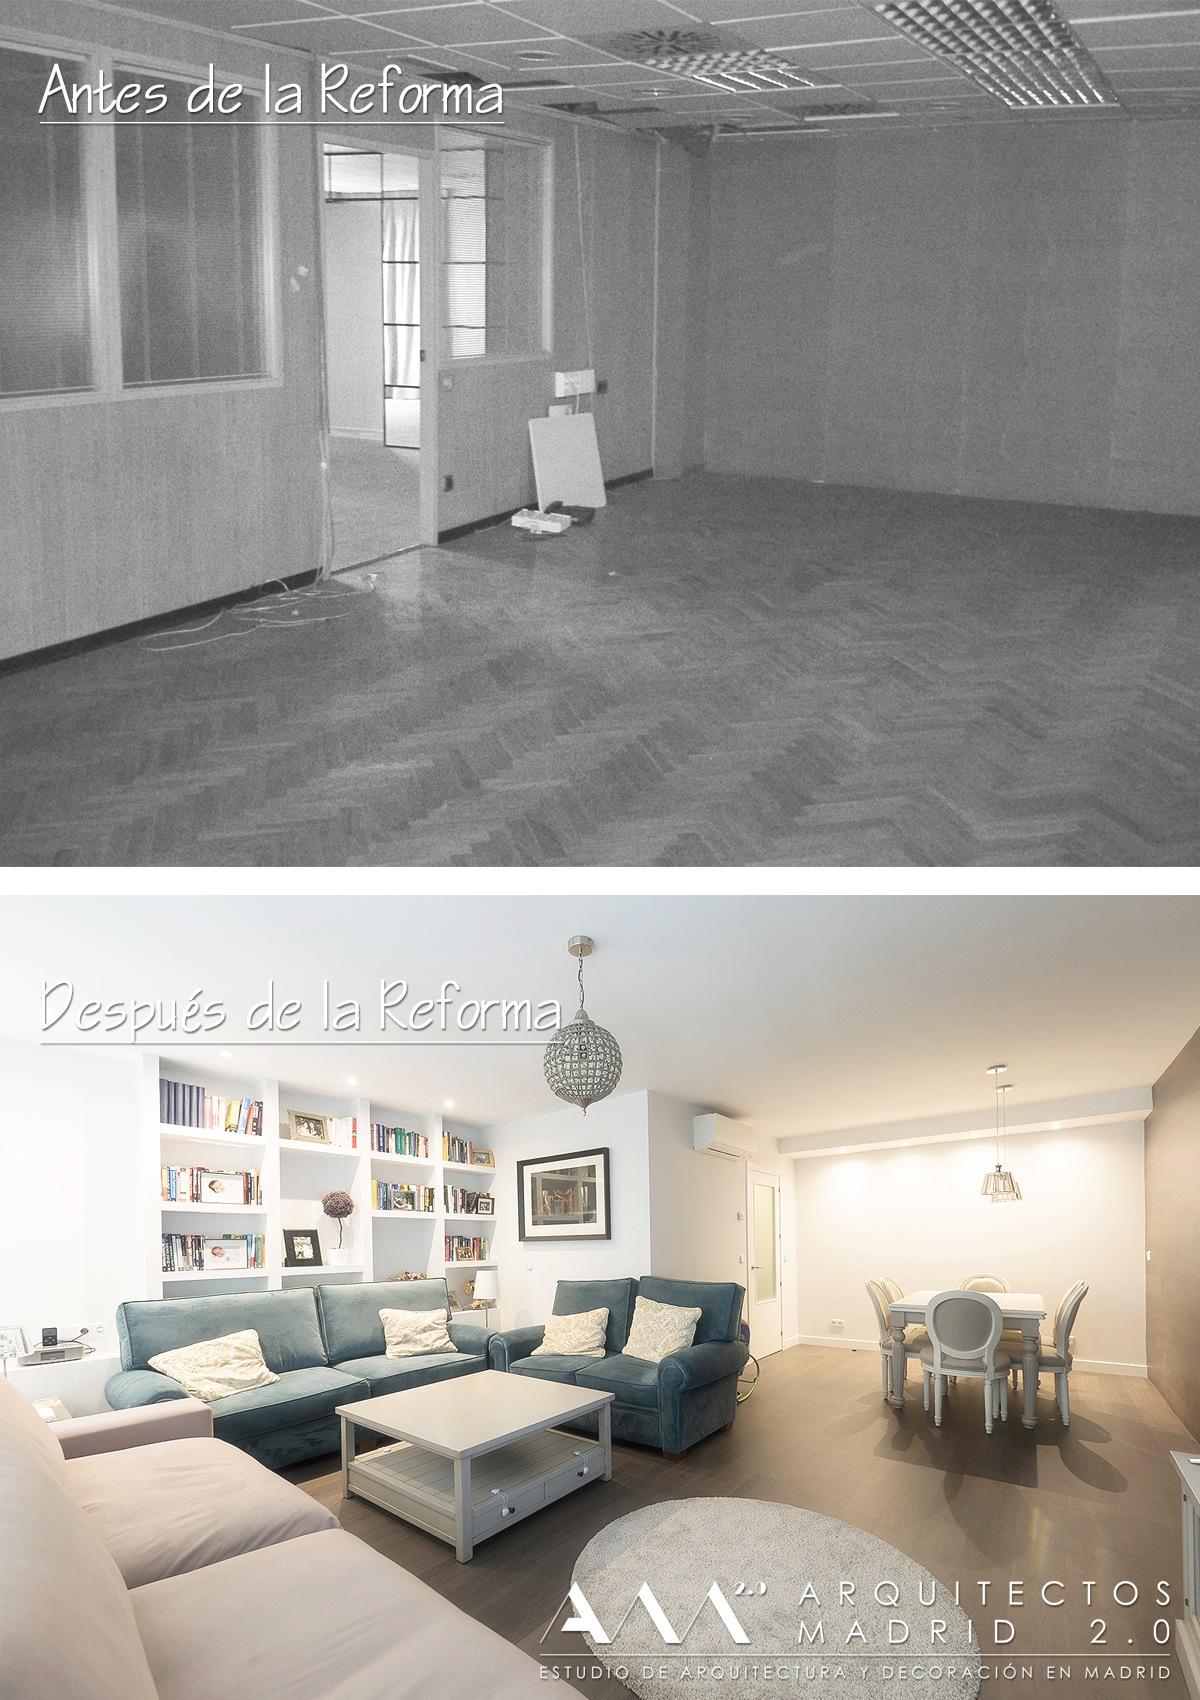 reformas-viviendas-ideas-antes-despues-pisos-casas-obras-22